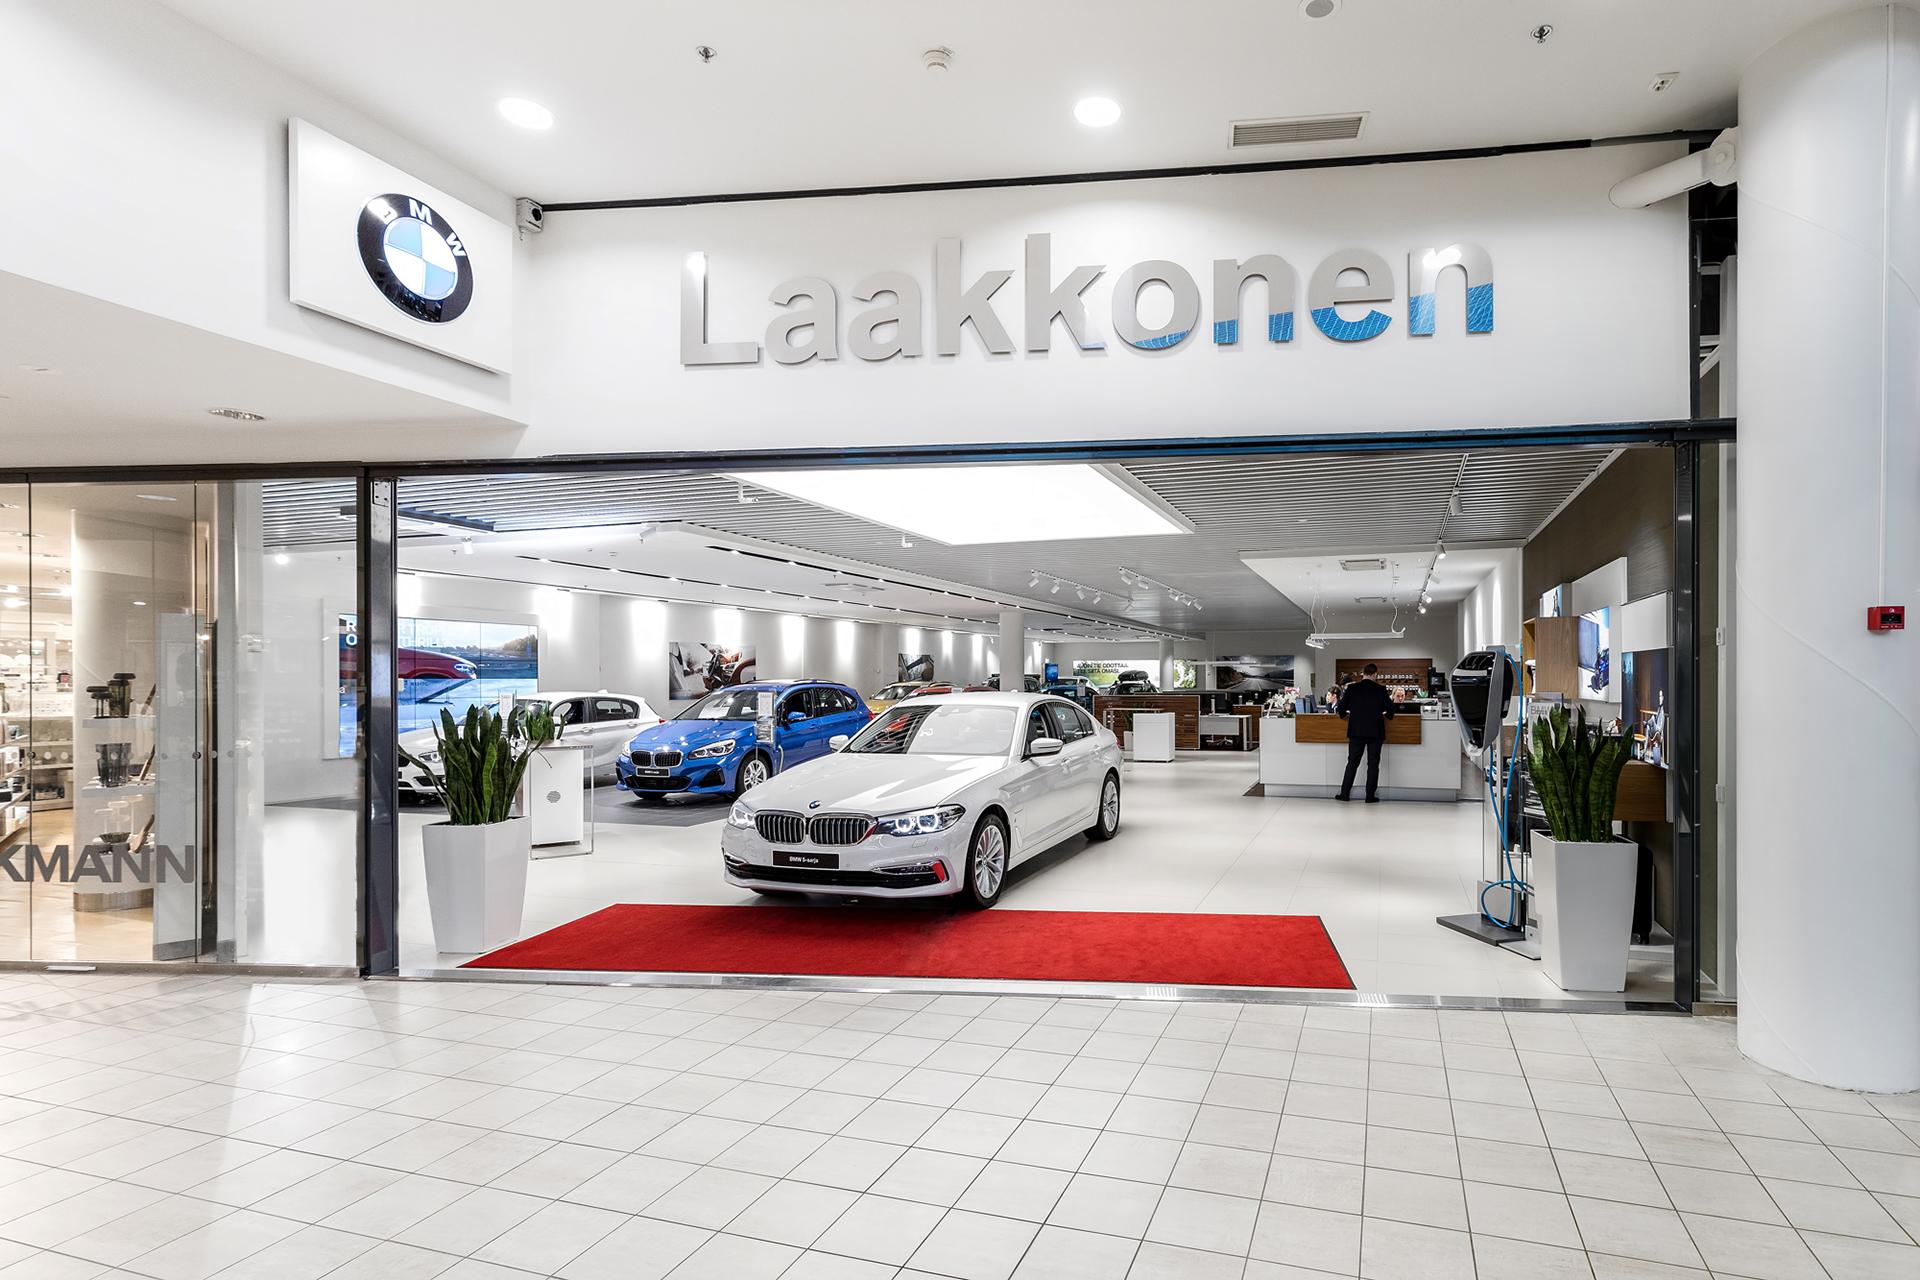 Ruotsin Autoliikkeet